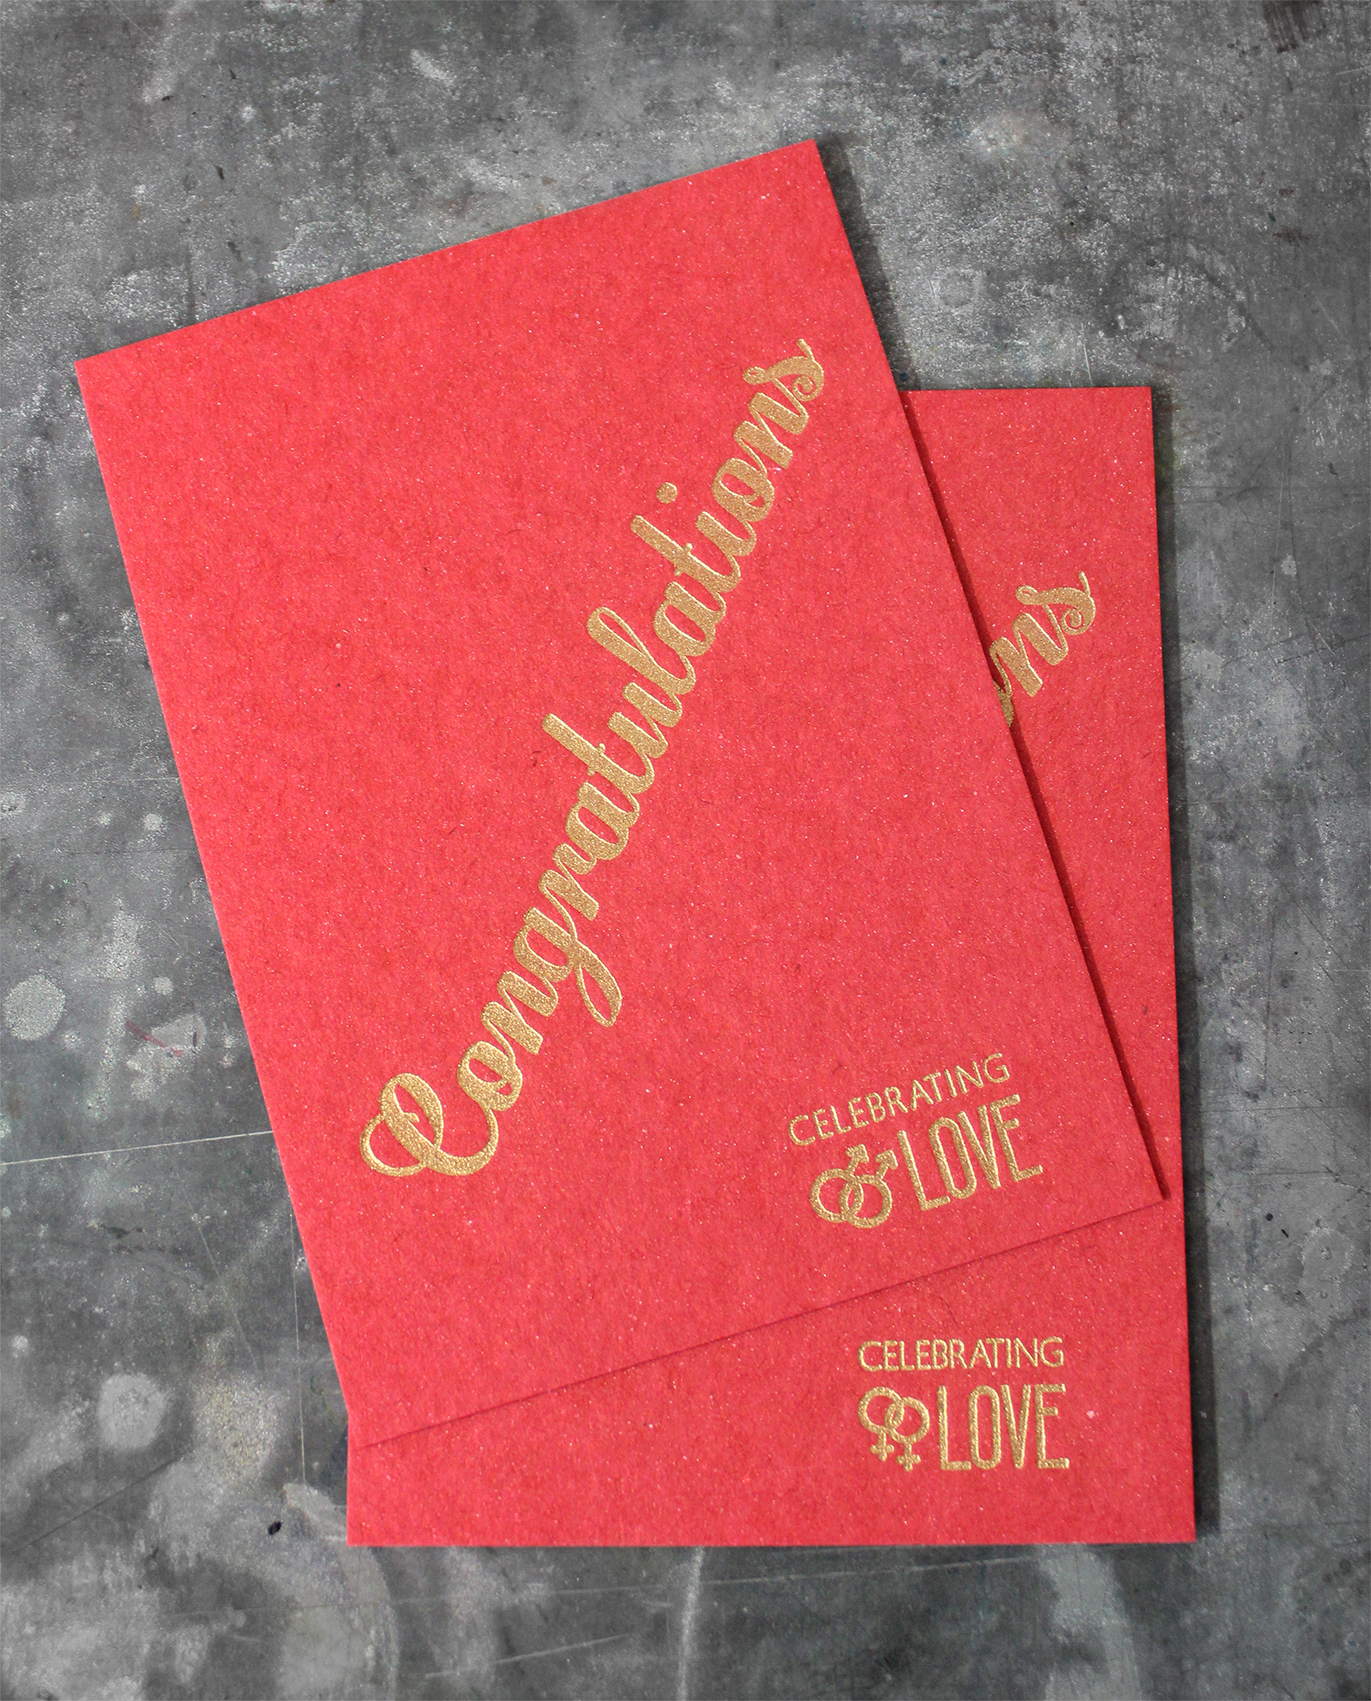 Letterpress Buchdruck Recyclingkarton Gold Verpartnerung Hochzeit Heirat Ehelichung